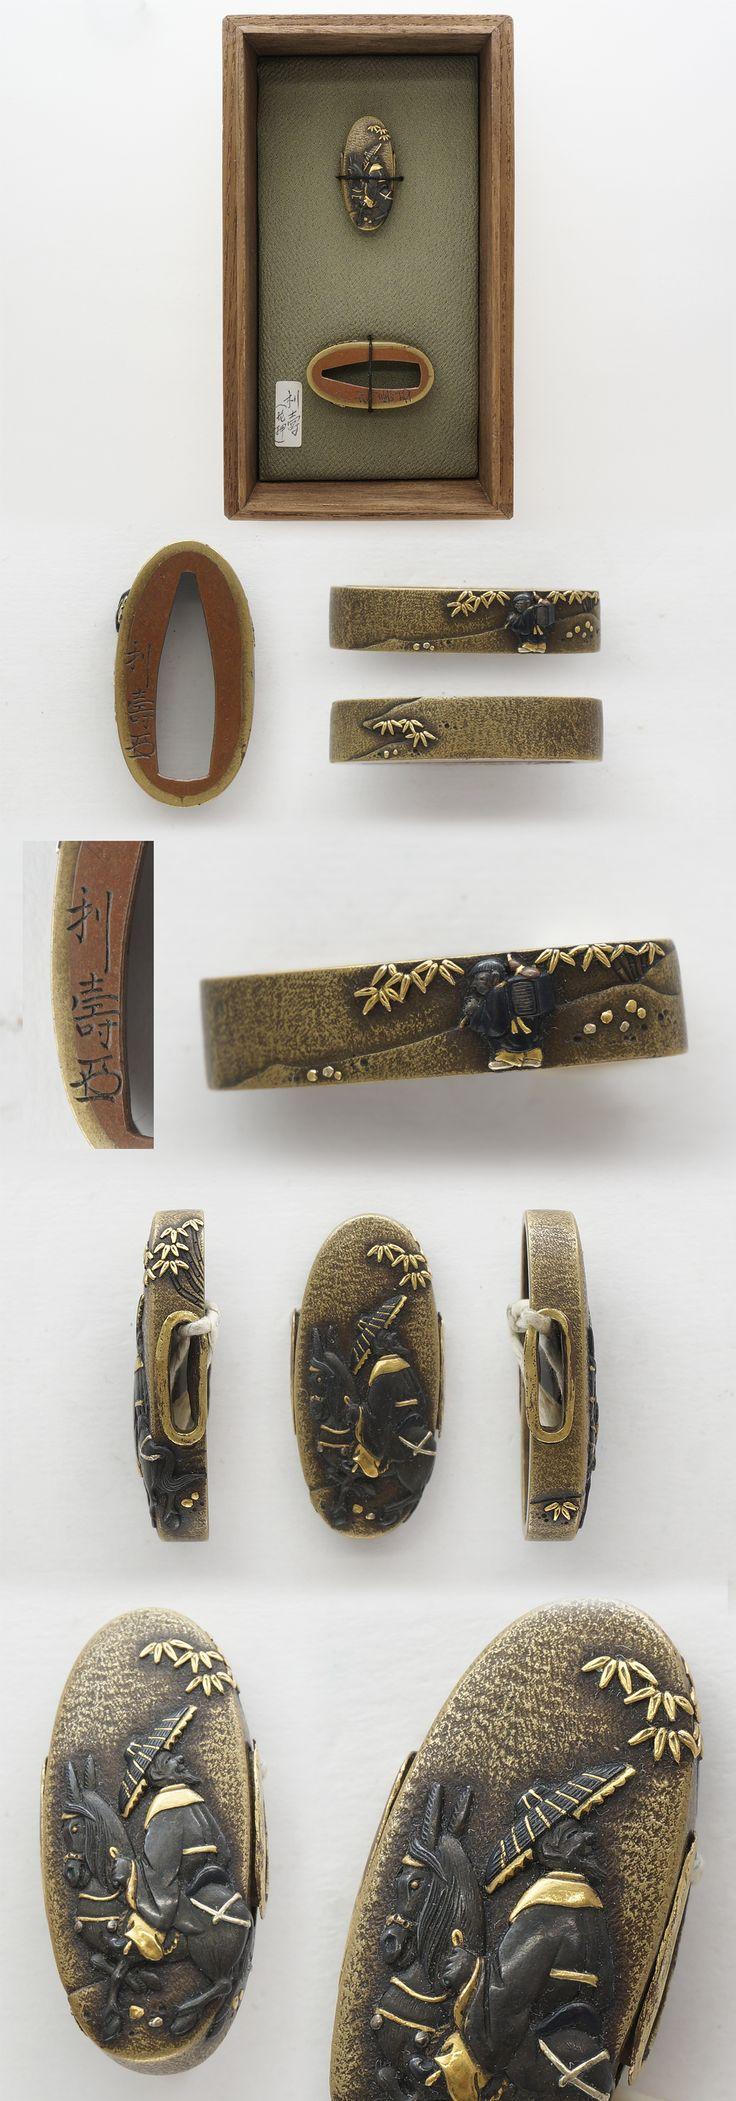 Fuchi Kashira: Toshihisa (Kao) | Japanese Sword Shop Aoi-Art.